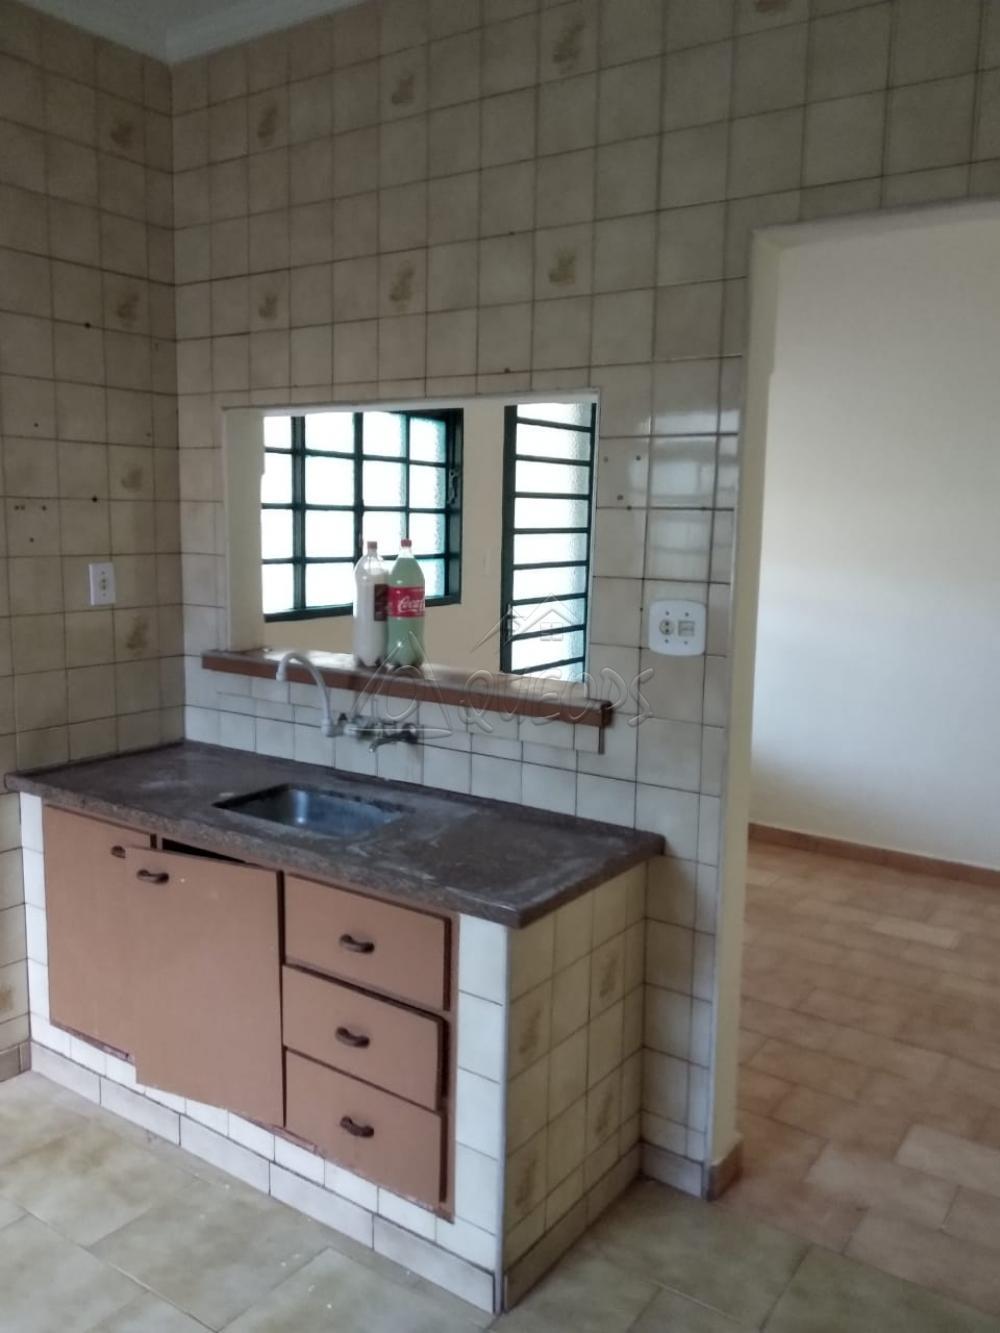 Alugar Casa / Sobrado em Barretos apenas R$ 1.100,00 - Foto 6